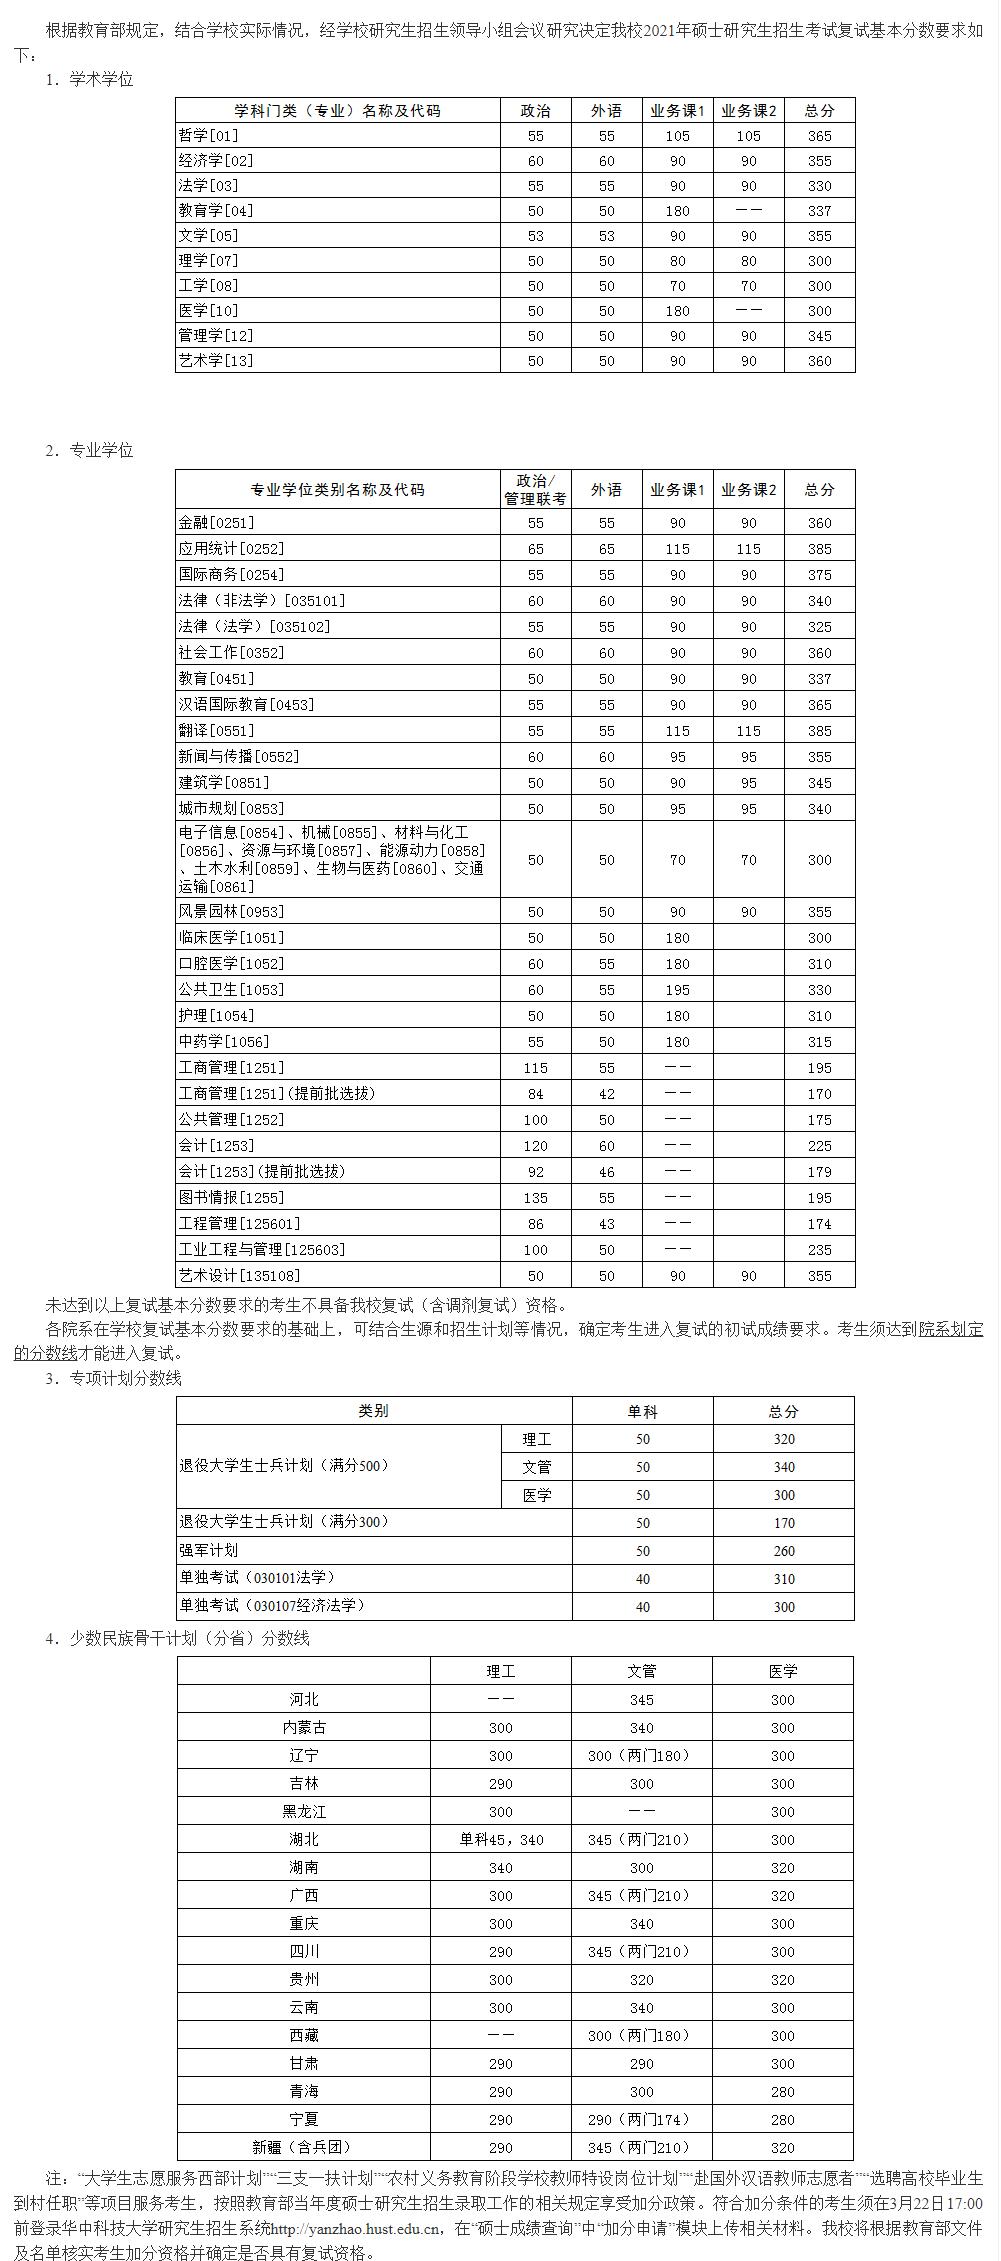 华中科技大学2021年硕士研究生入学考试复试基本分数线